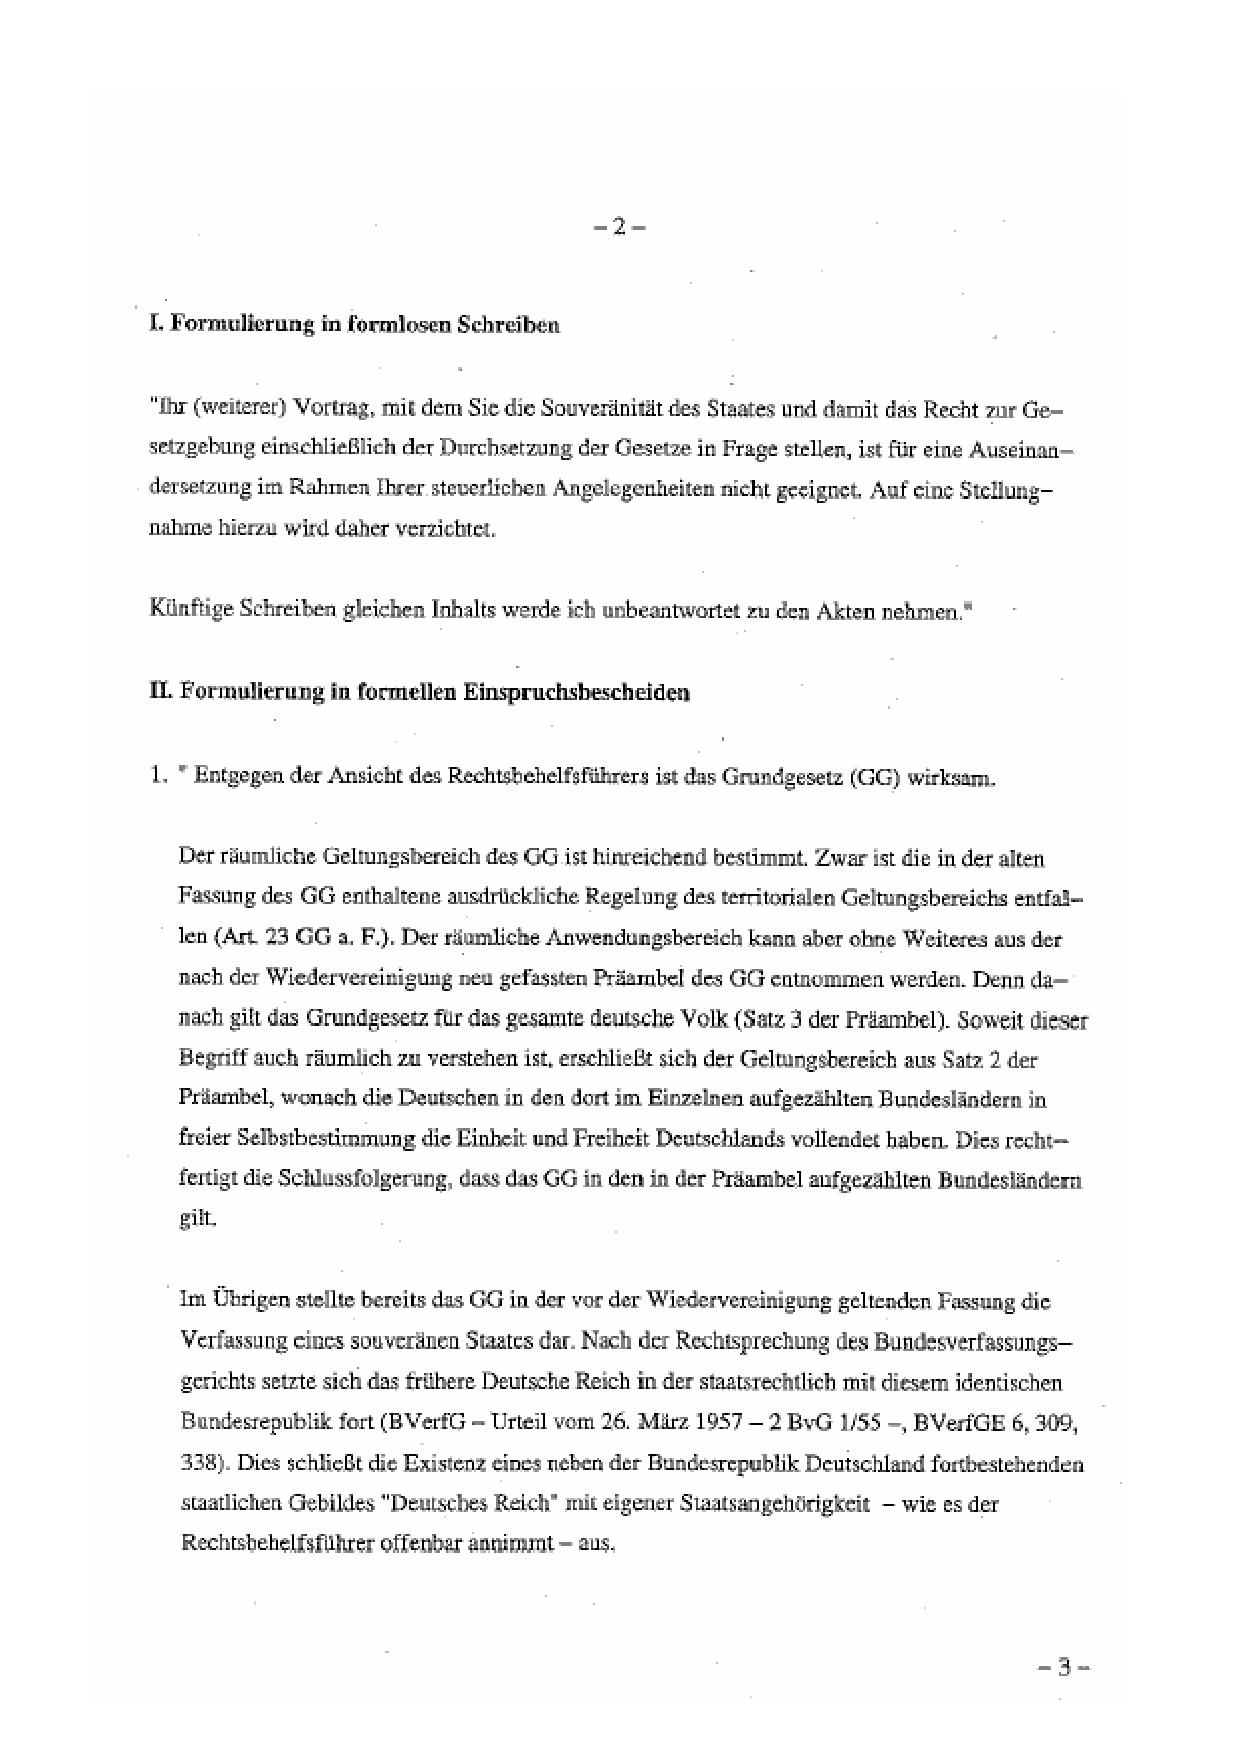 steuerpflicht-in-der-brd-von-harald-beck-021